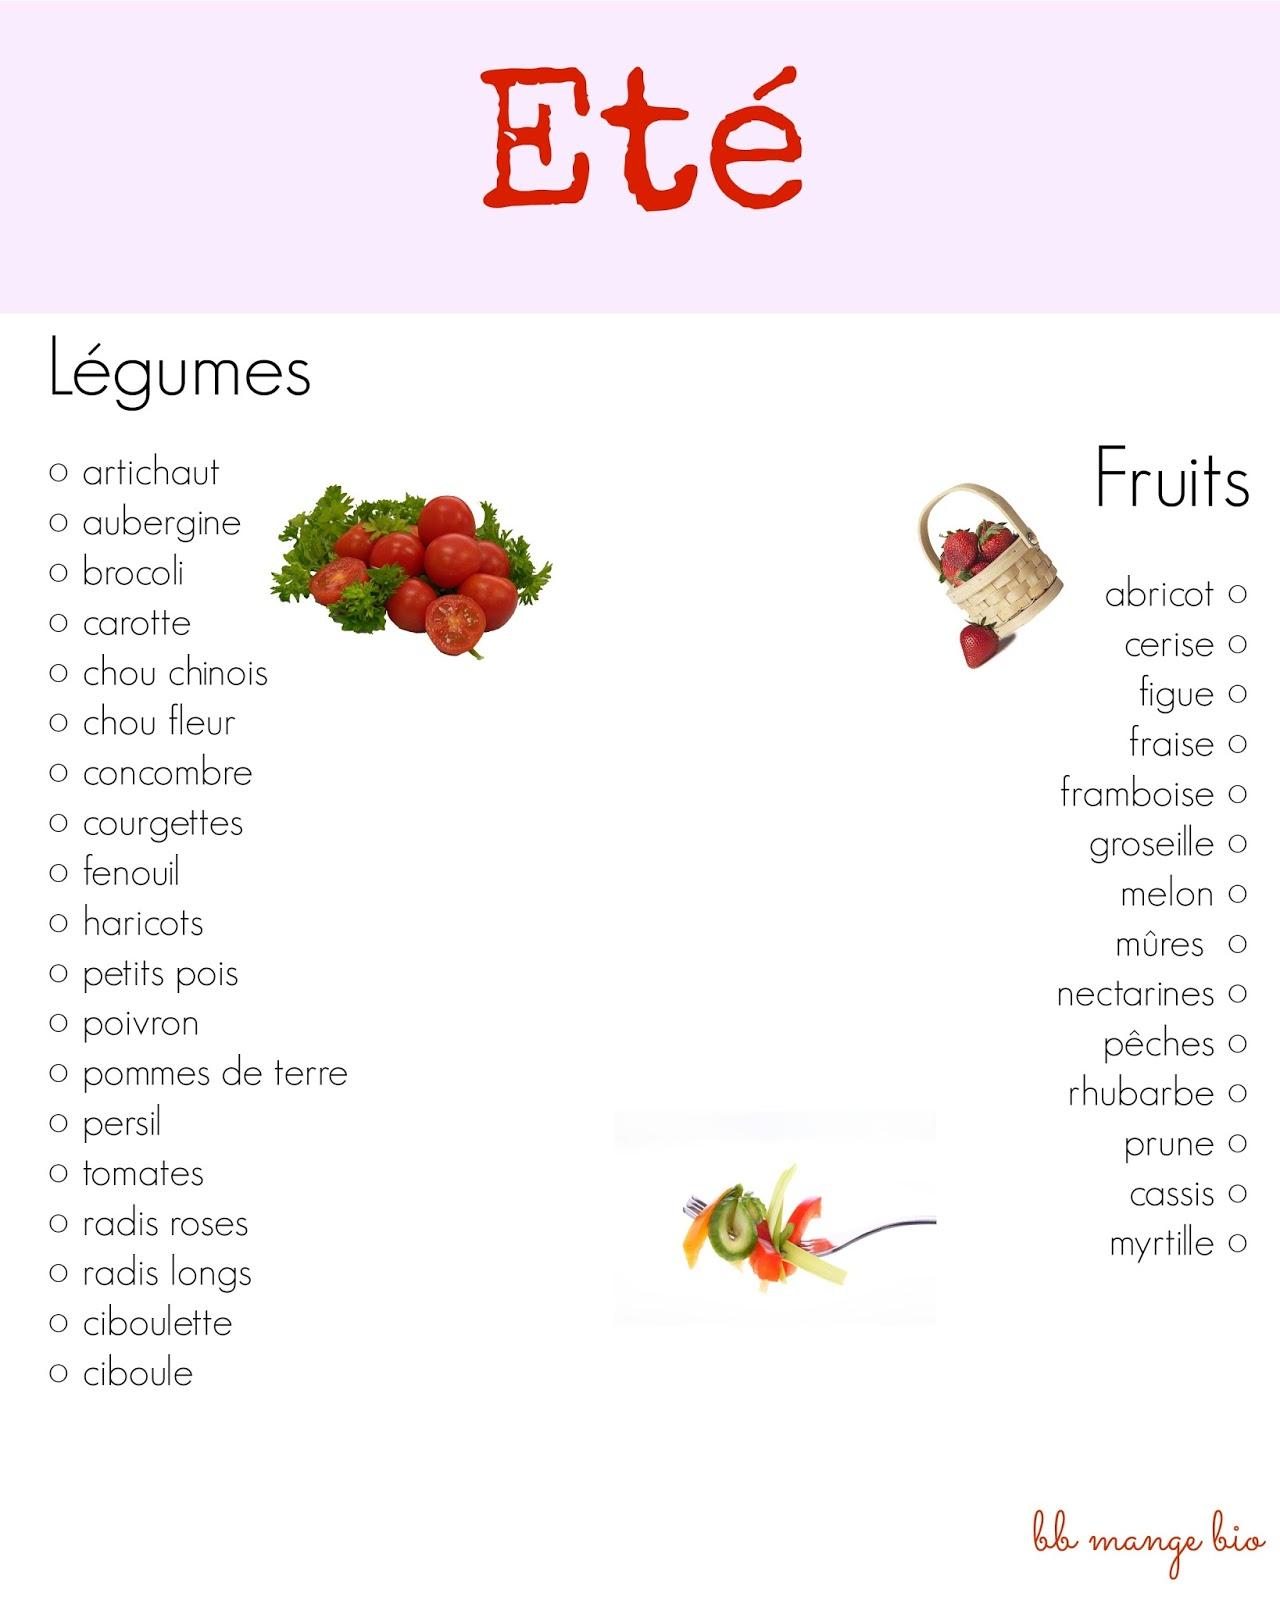 BB mange bio présente les fruits et légumes d'été cultivés en France métropolitaine